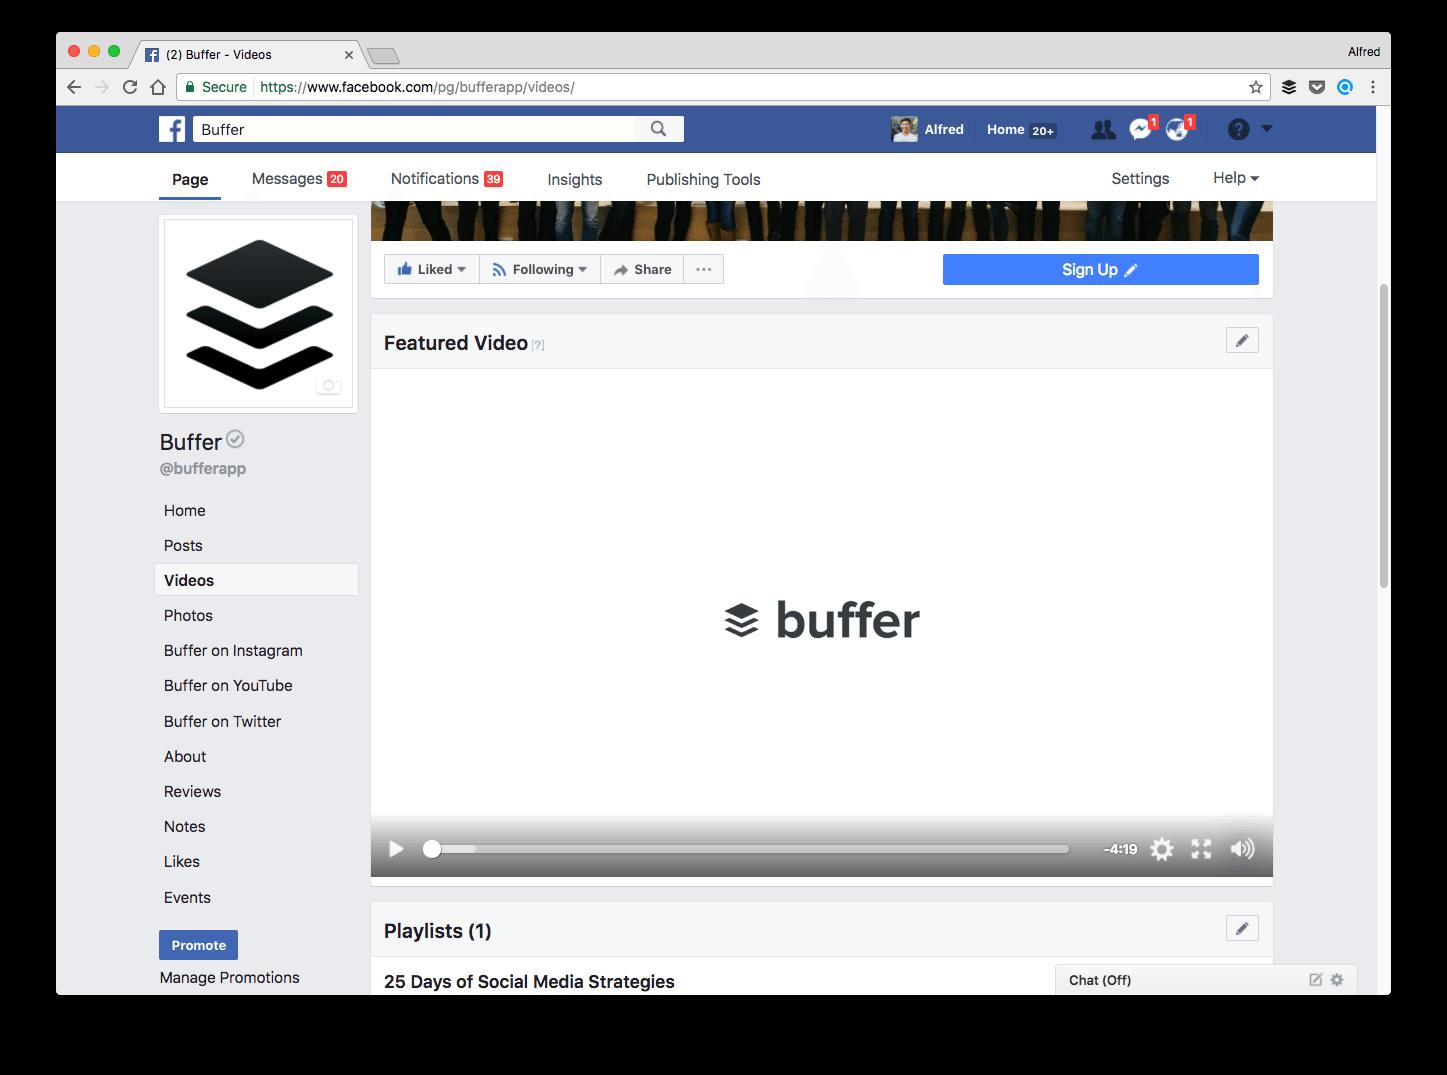 Buffer's featured video